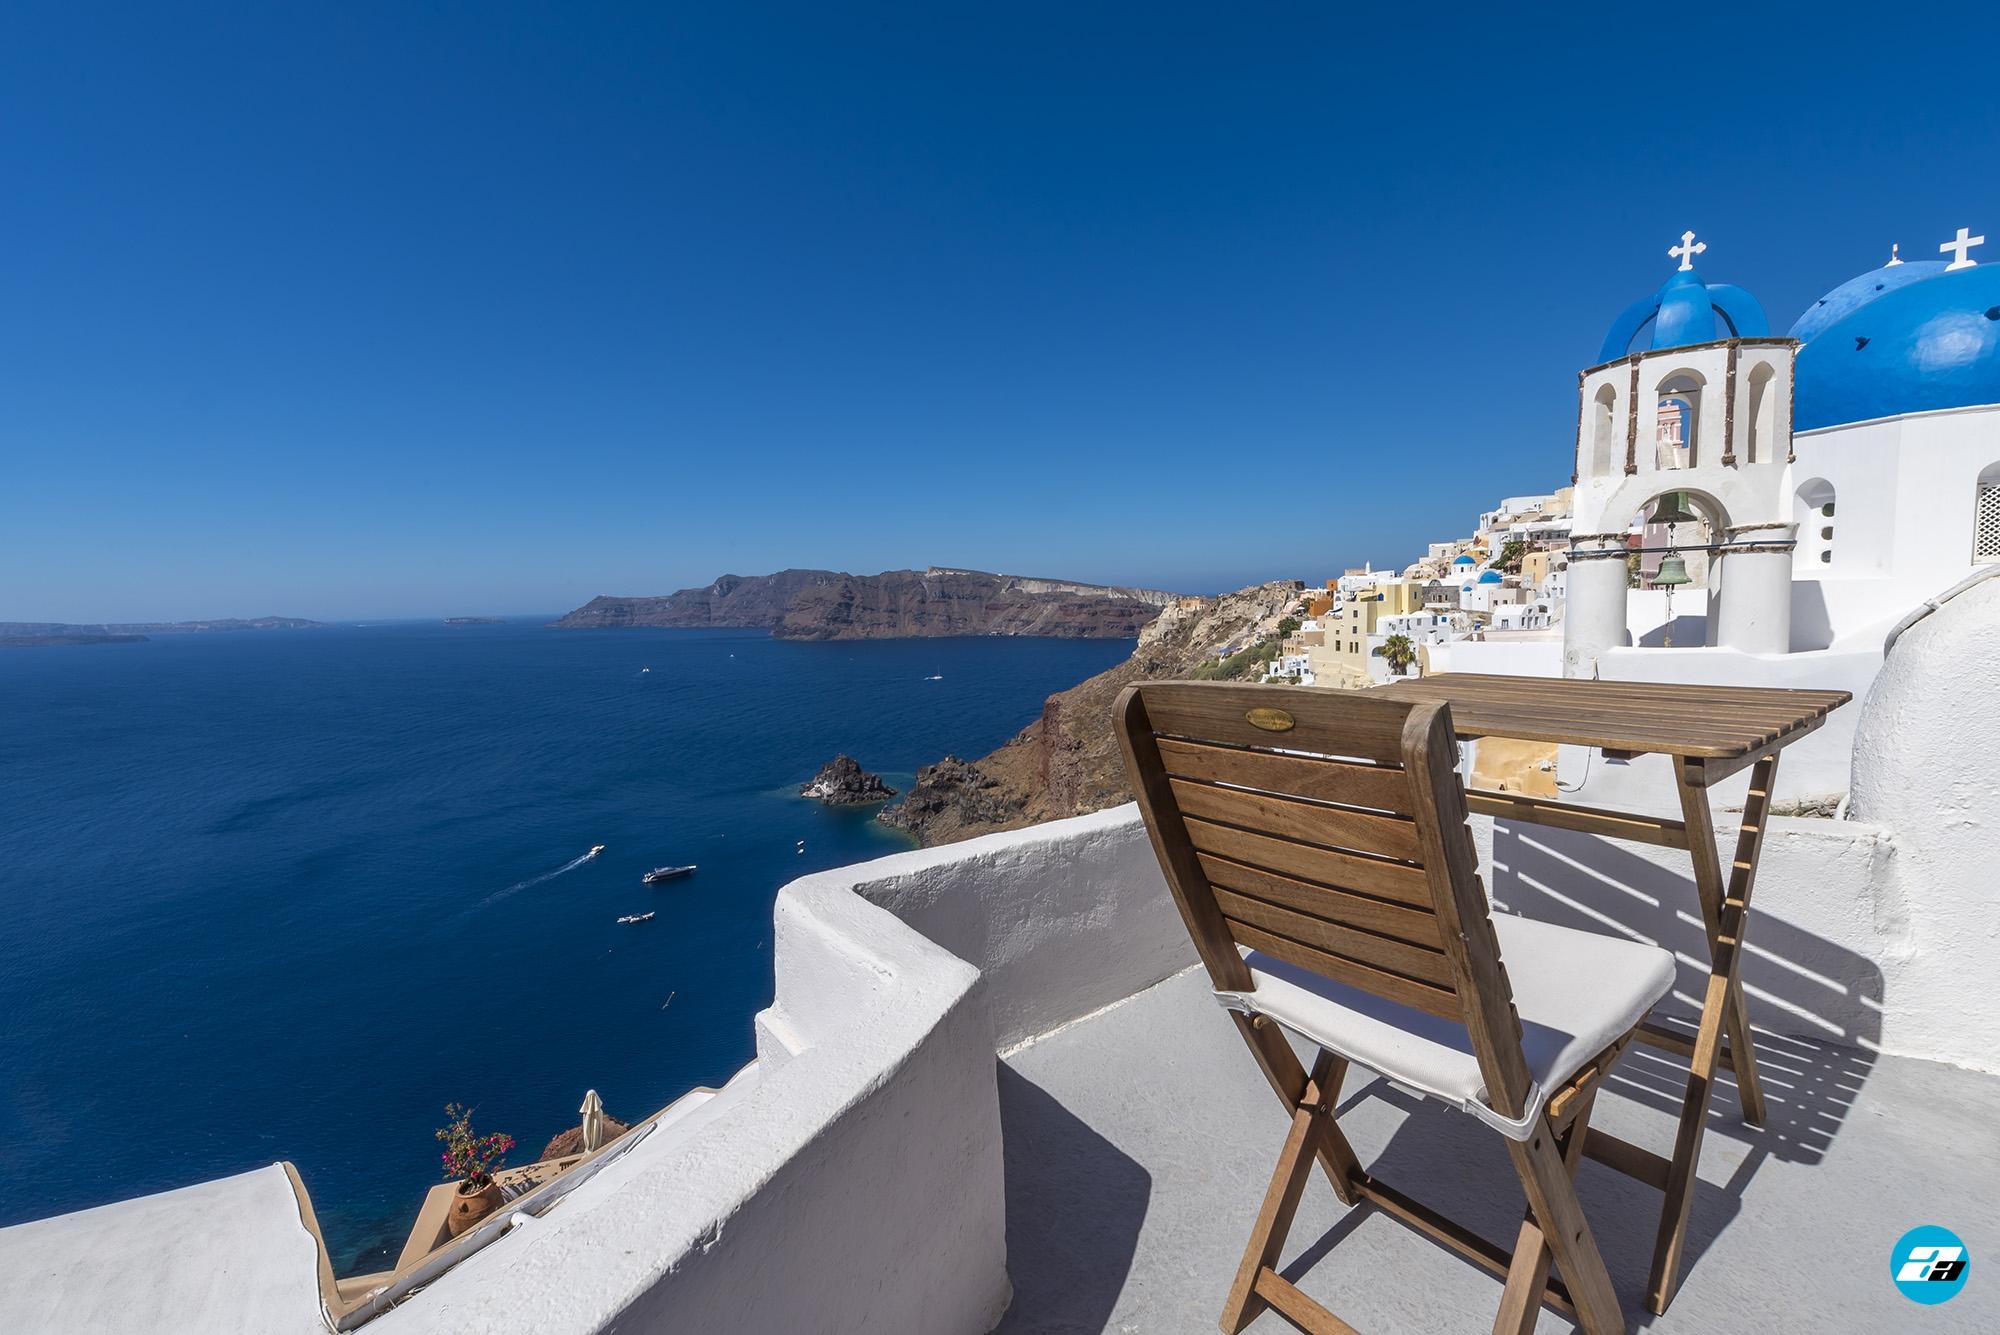 Oia Santorini Greece. Blue domes of Oia.